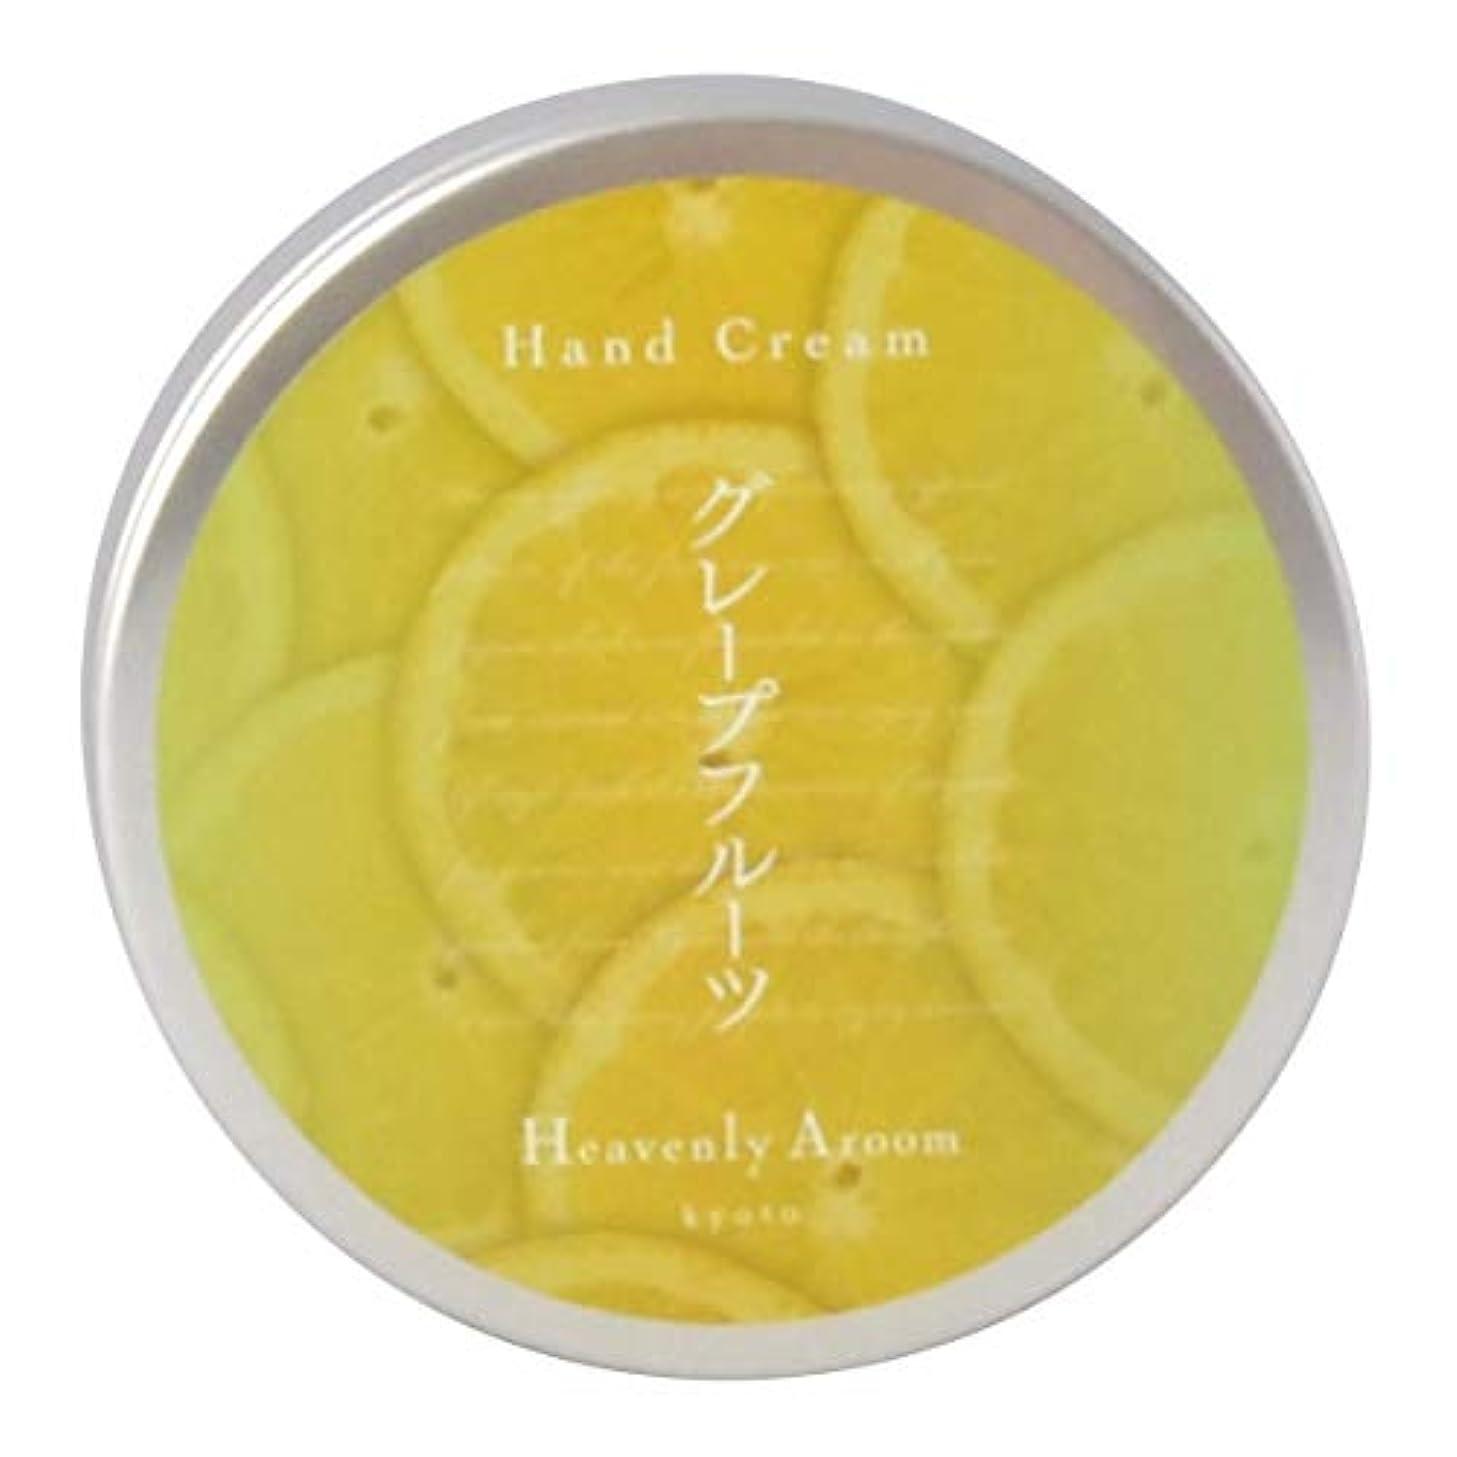 連帯力強い確立Heavenly Aroom ハンドクリーム グレープフルーツ 30g